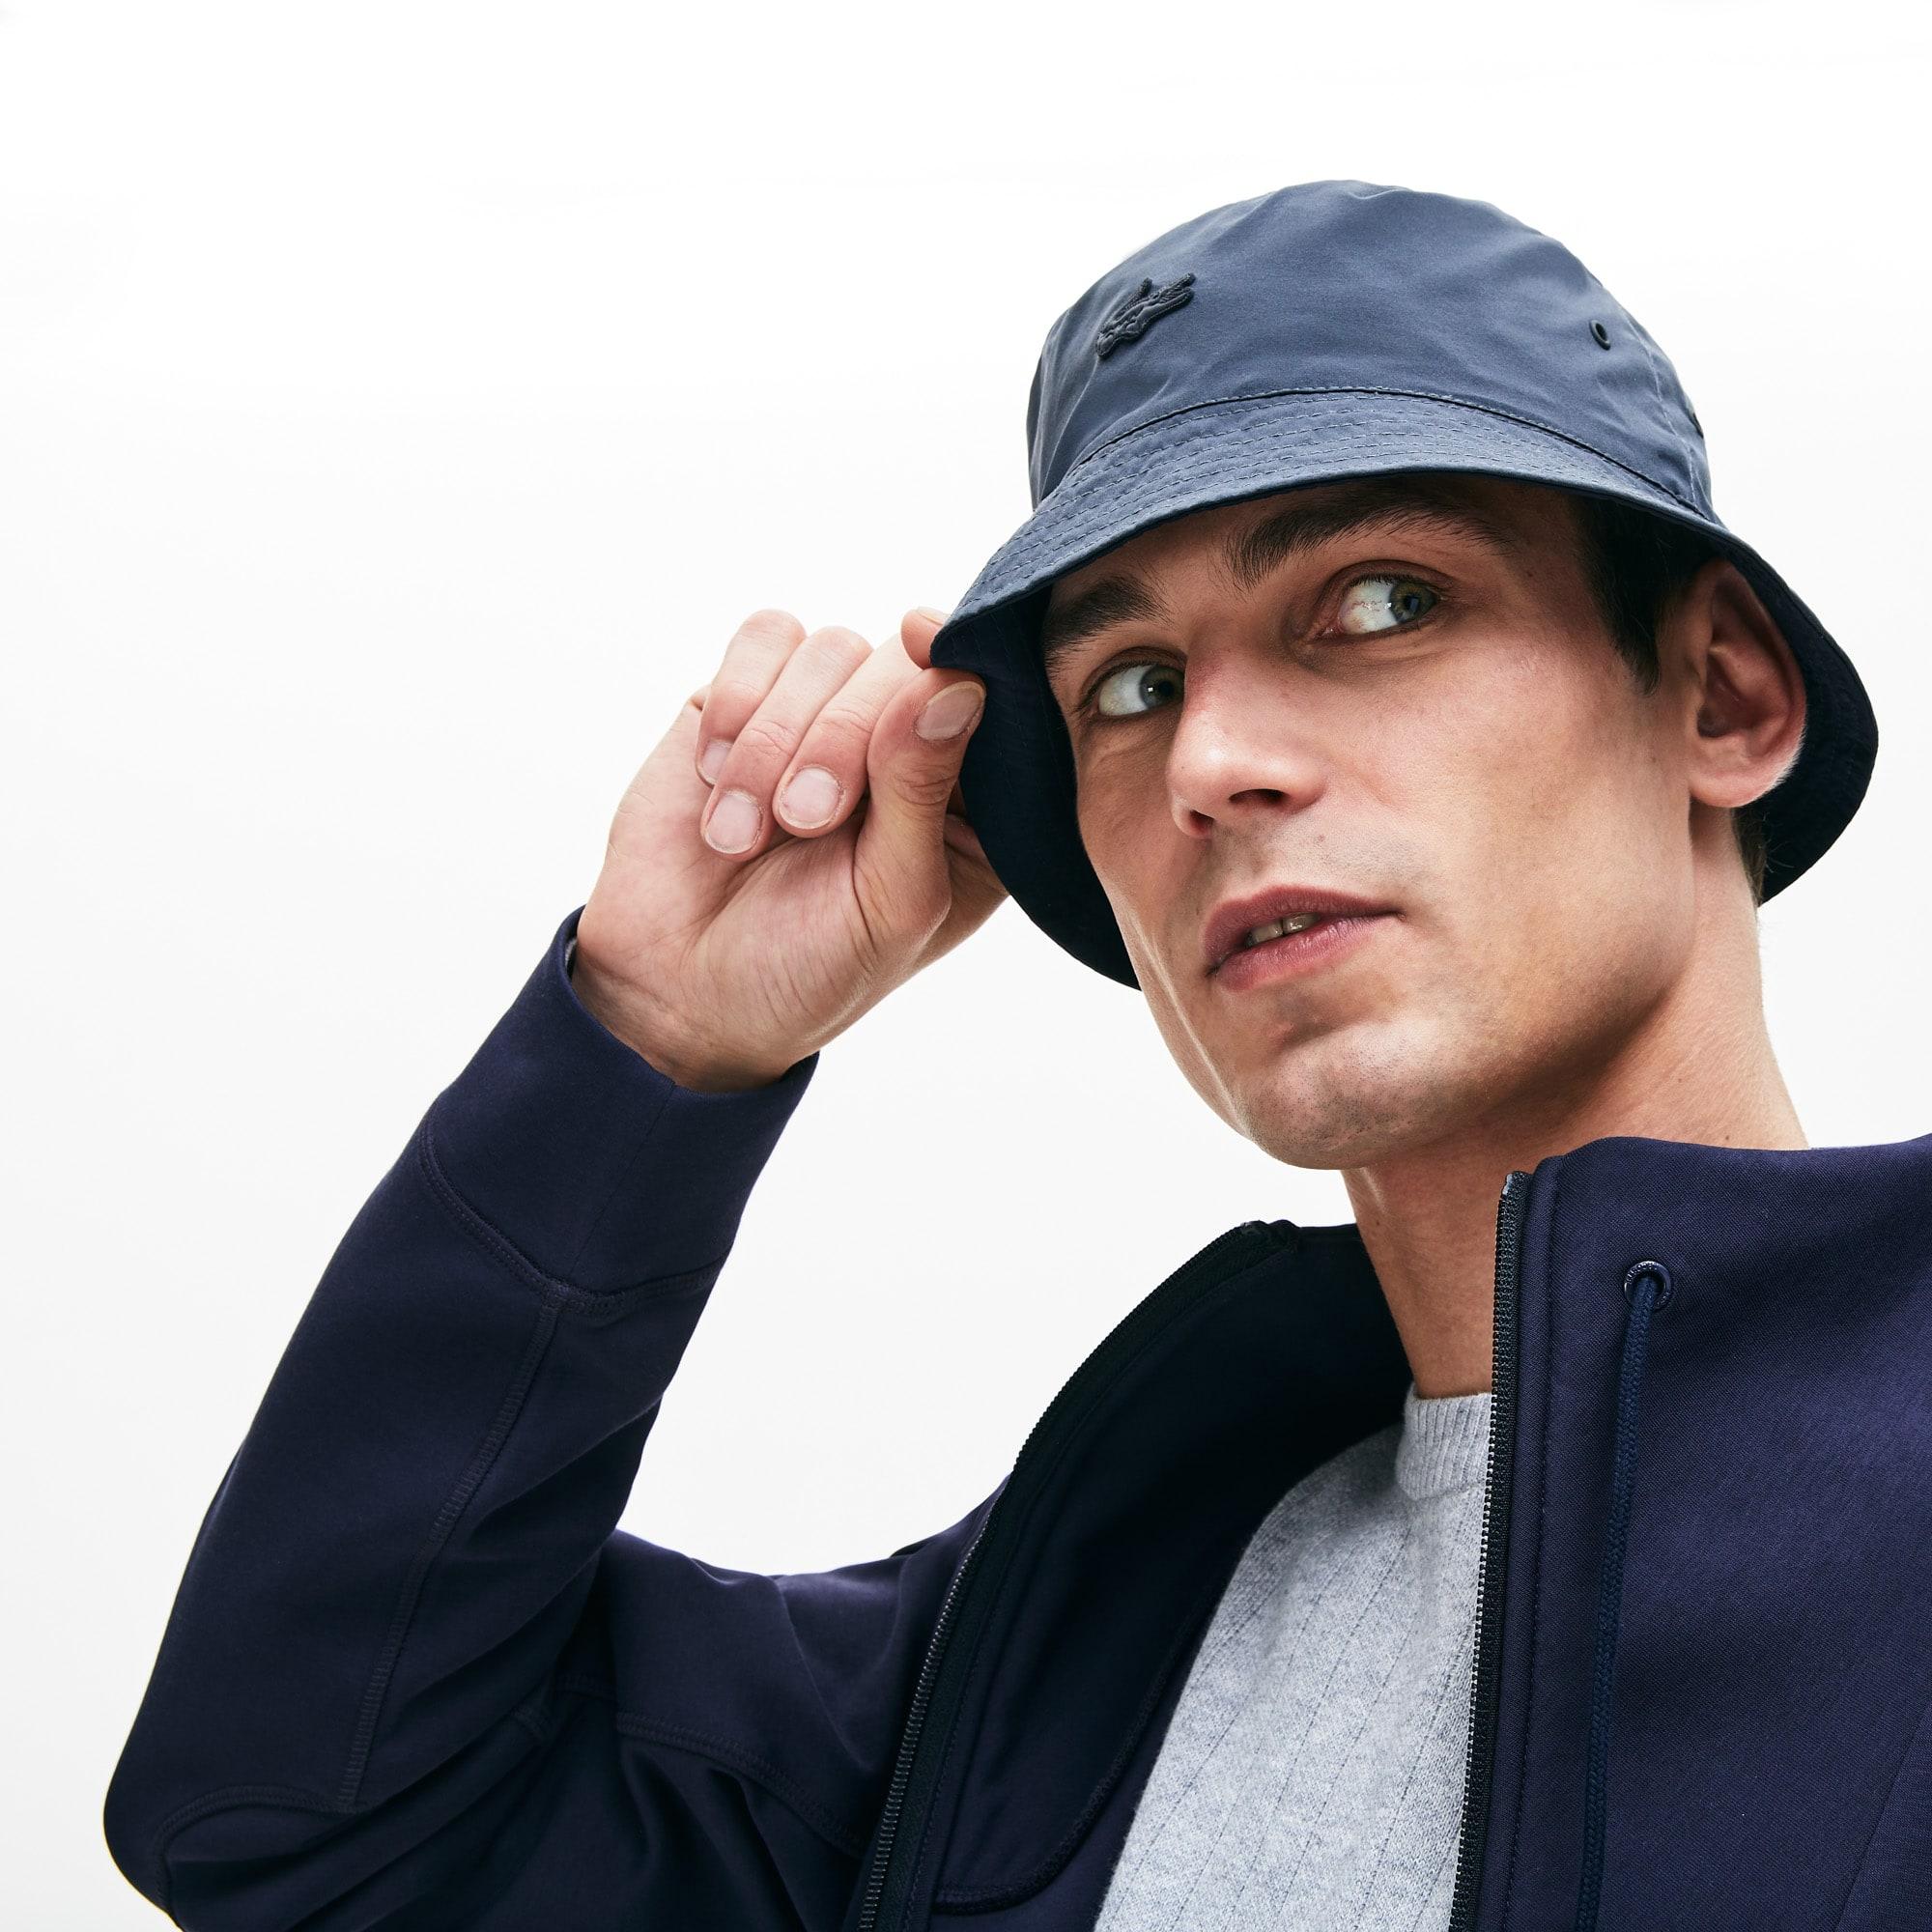 Wie findet man schön und charmant Finden Sie den niedrigsten Preis Polos, Kleidung und Lederwaren Online | LACOSTE